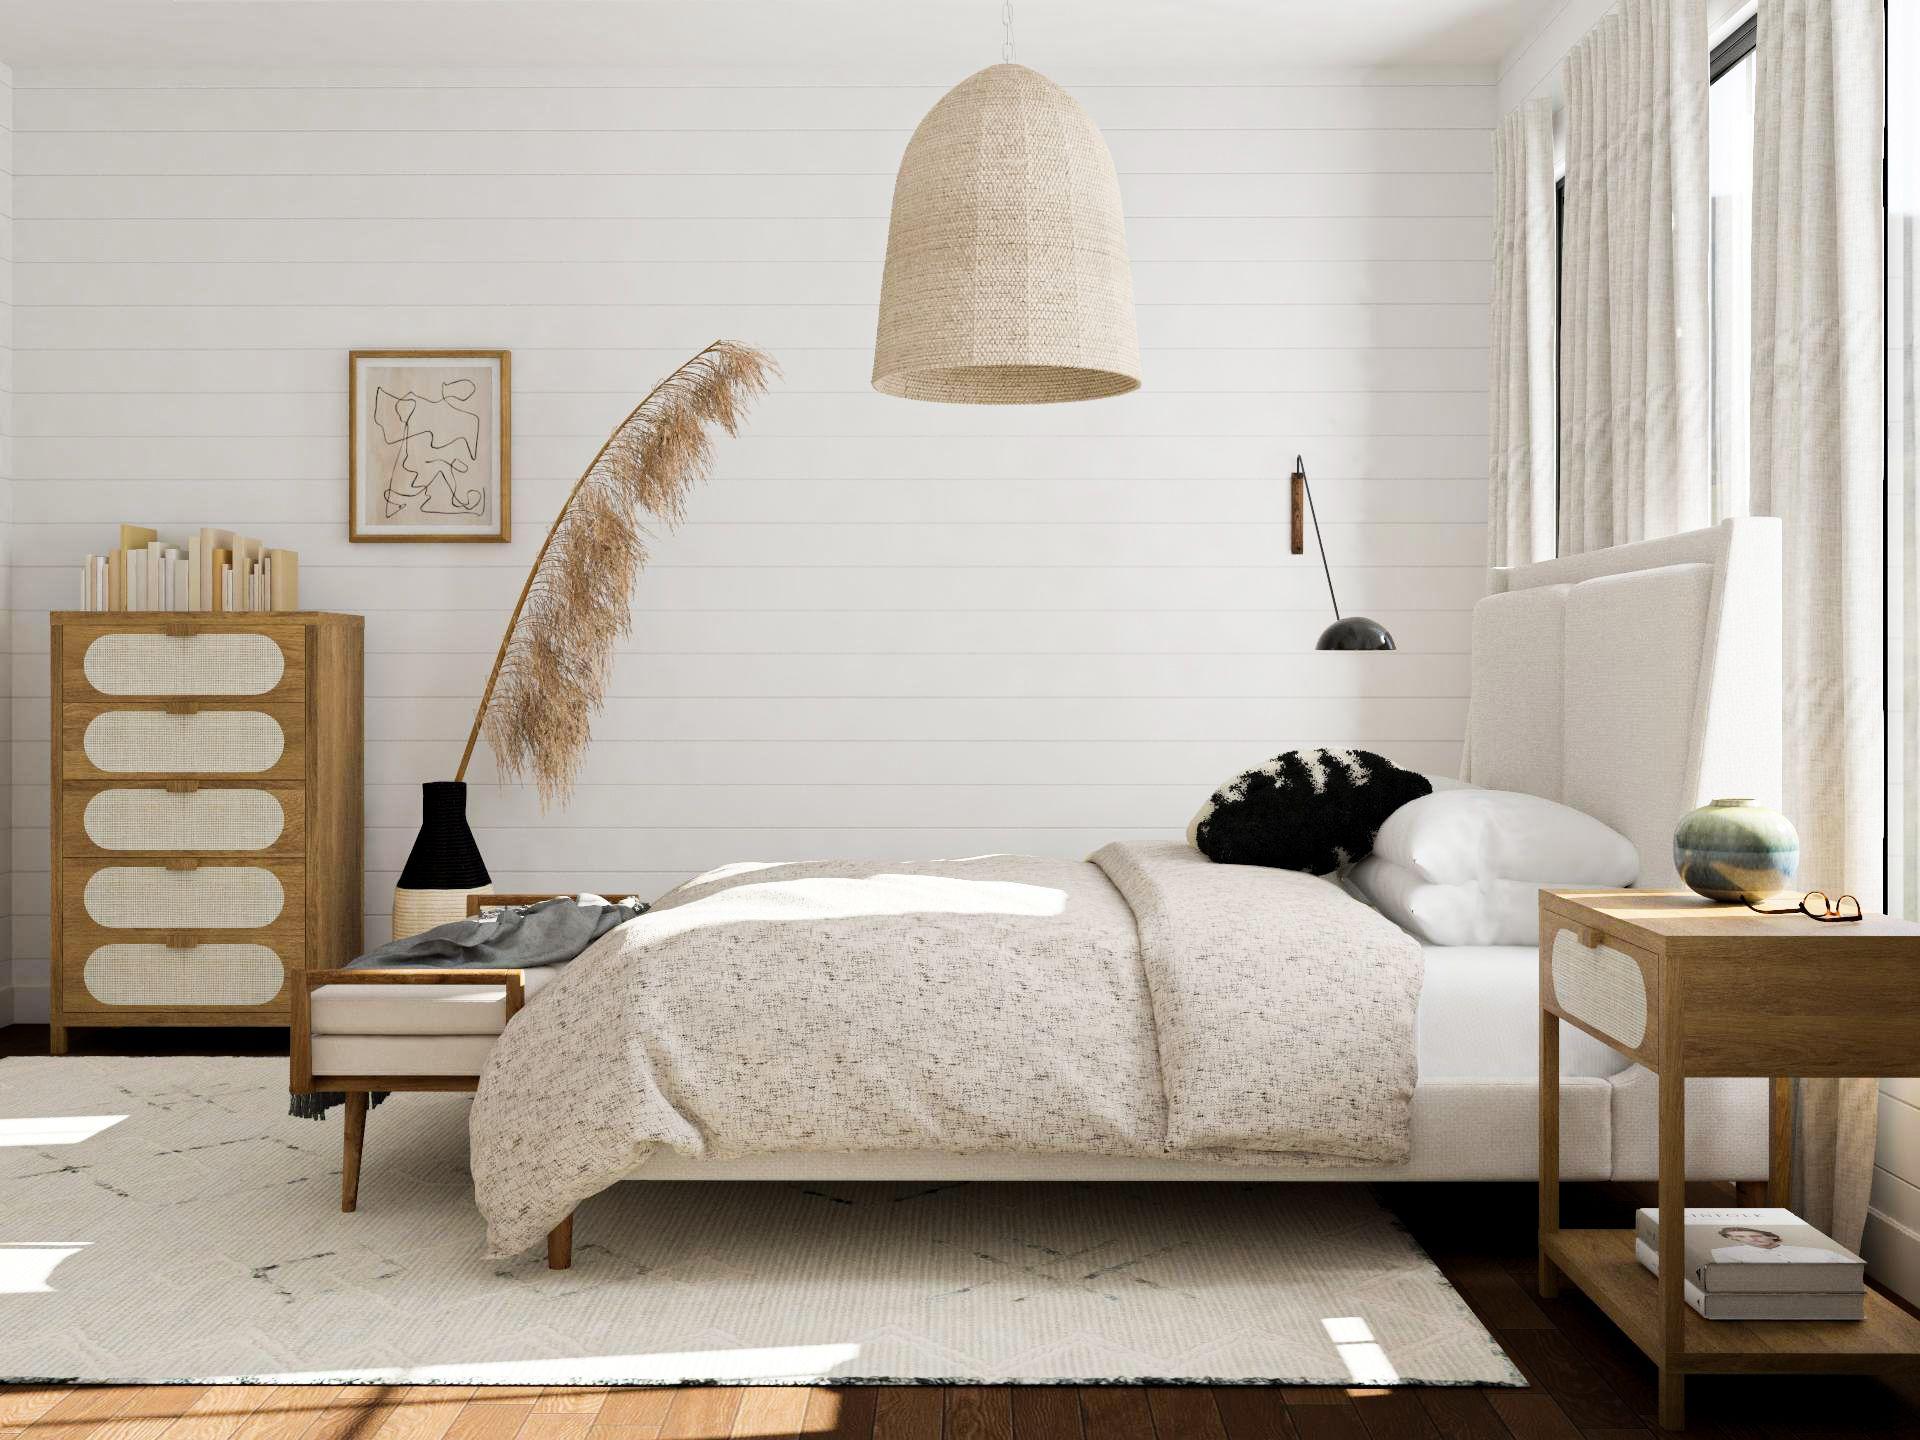 Scandinavian Interior Design Tour A Home In This Style Modsy Blog In 2021 Scandinavian Interior Design Bedroom Inspiration Scandinavian Scandinavian Interior Home design ideas bedroom